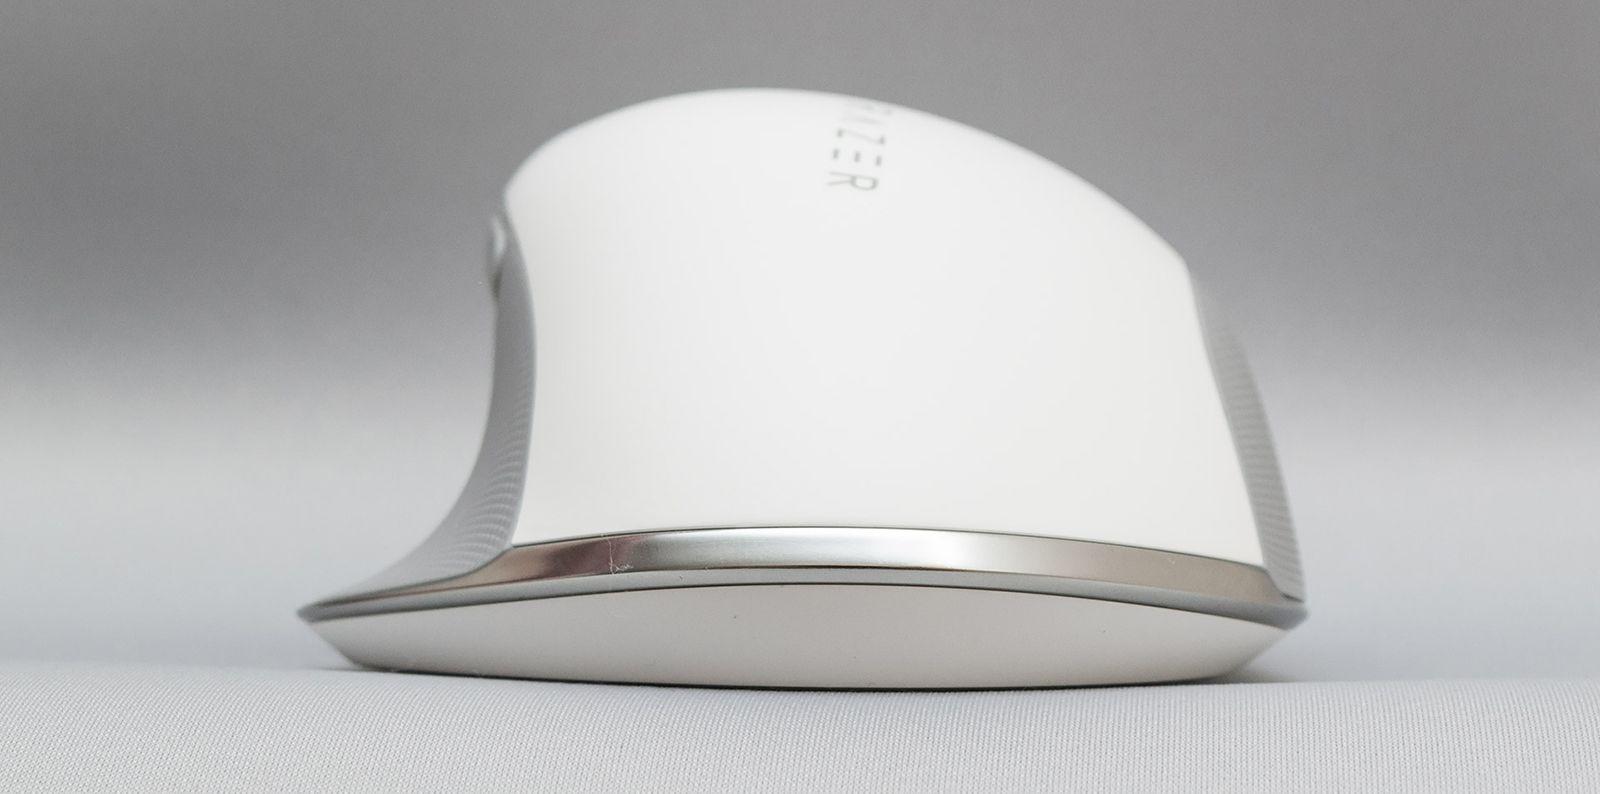 Мышка Razer Pro Click. Фото 33